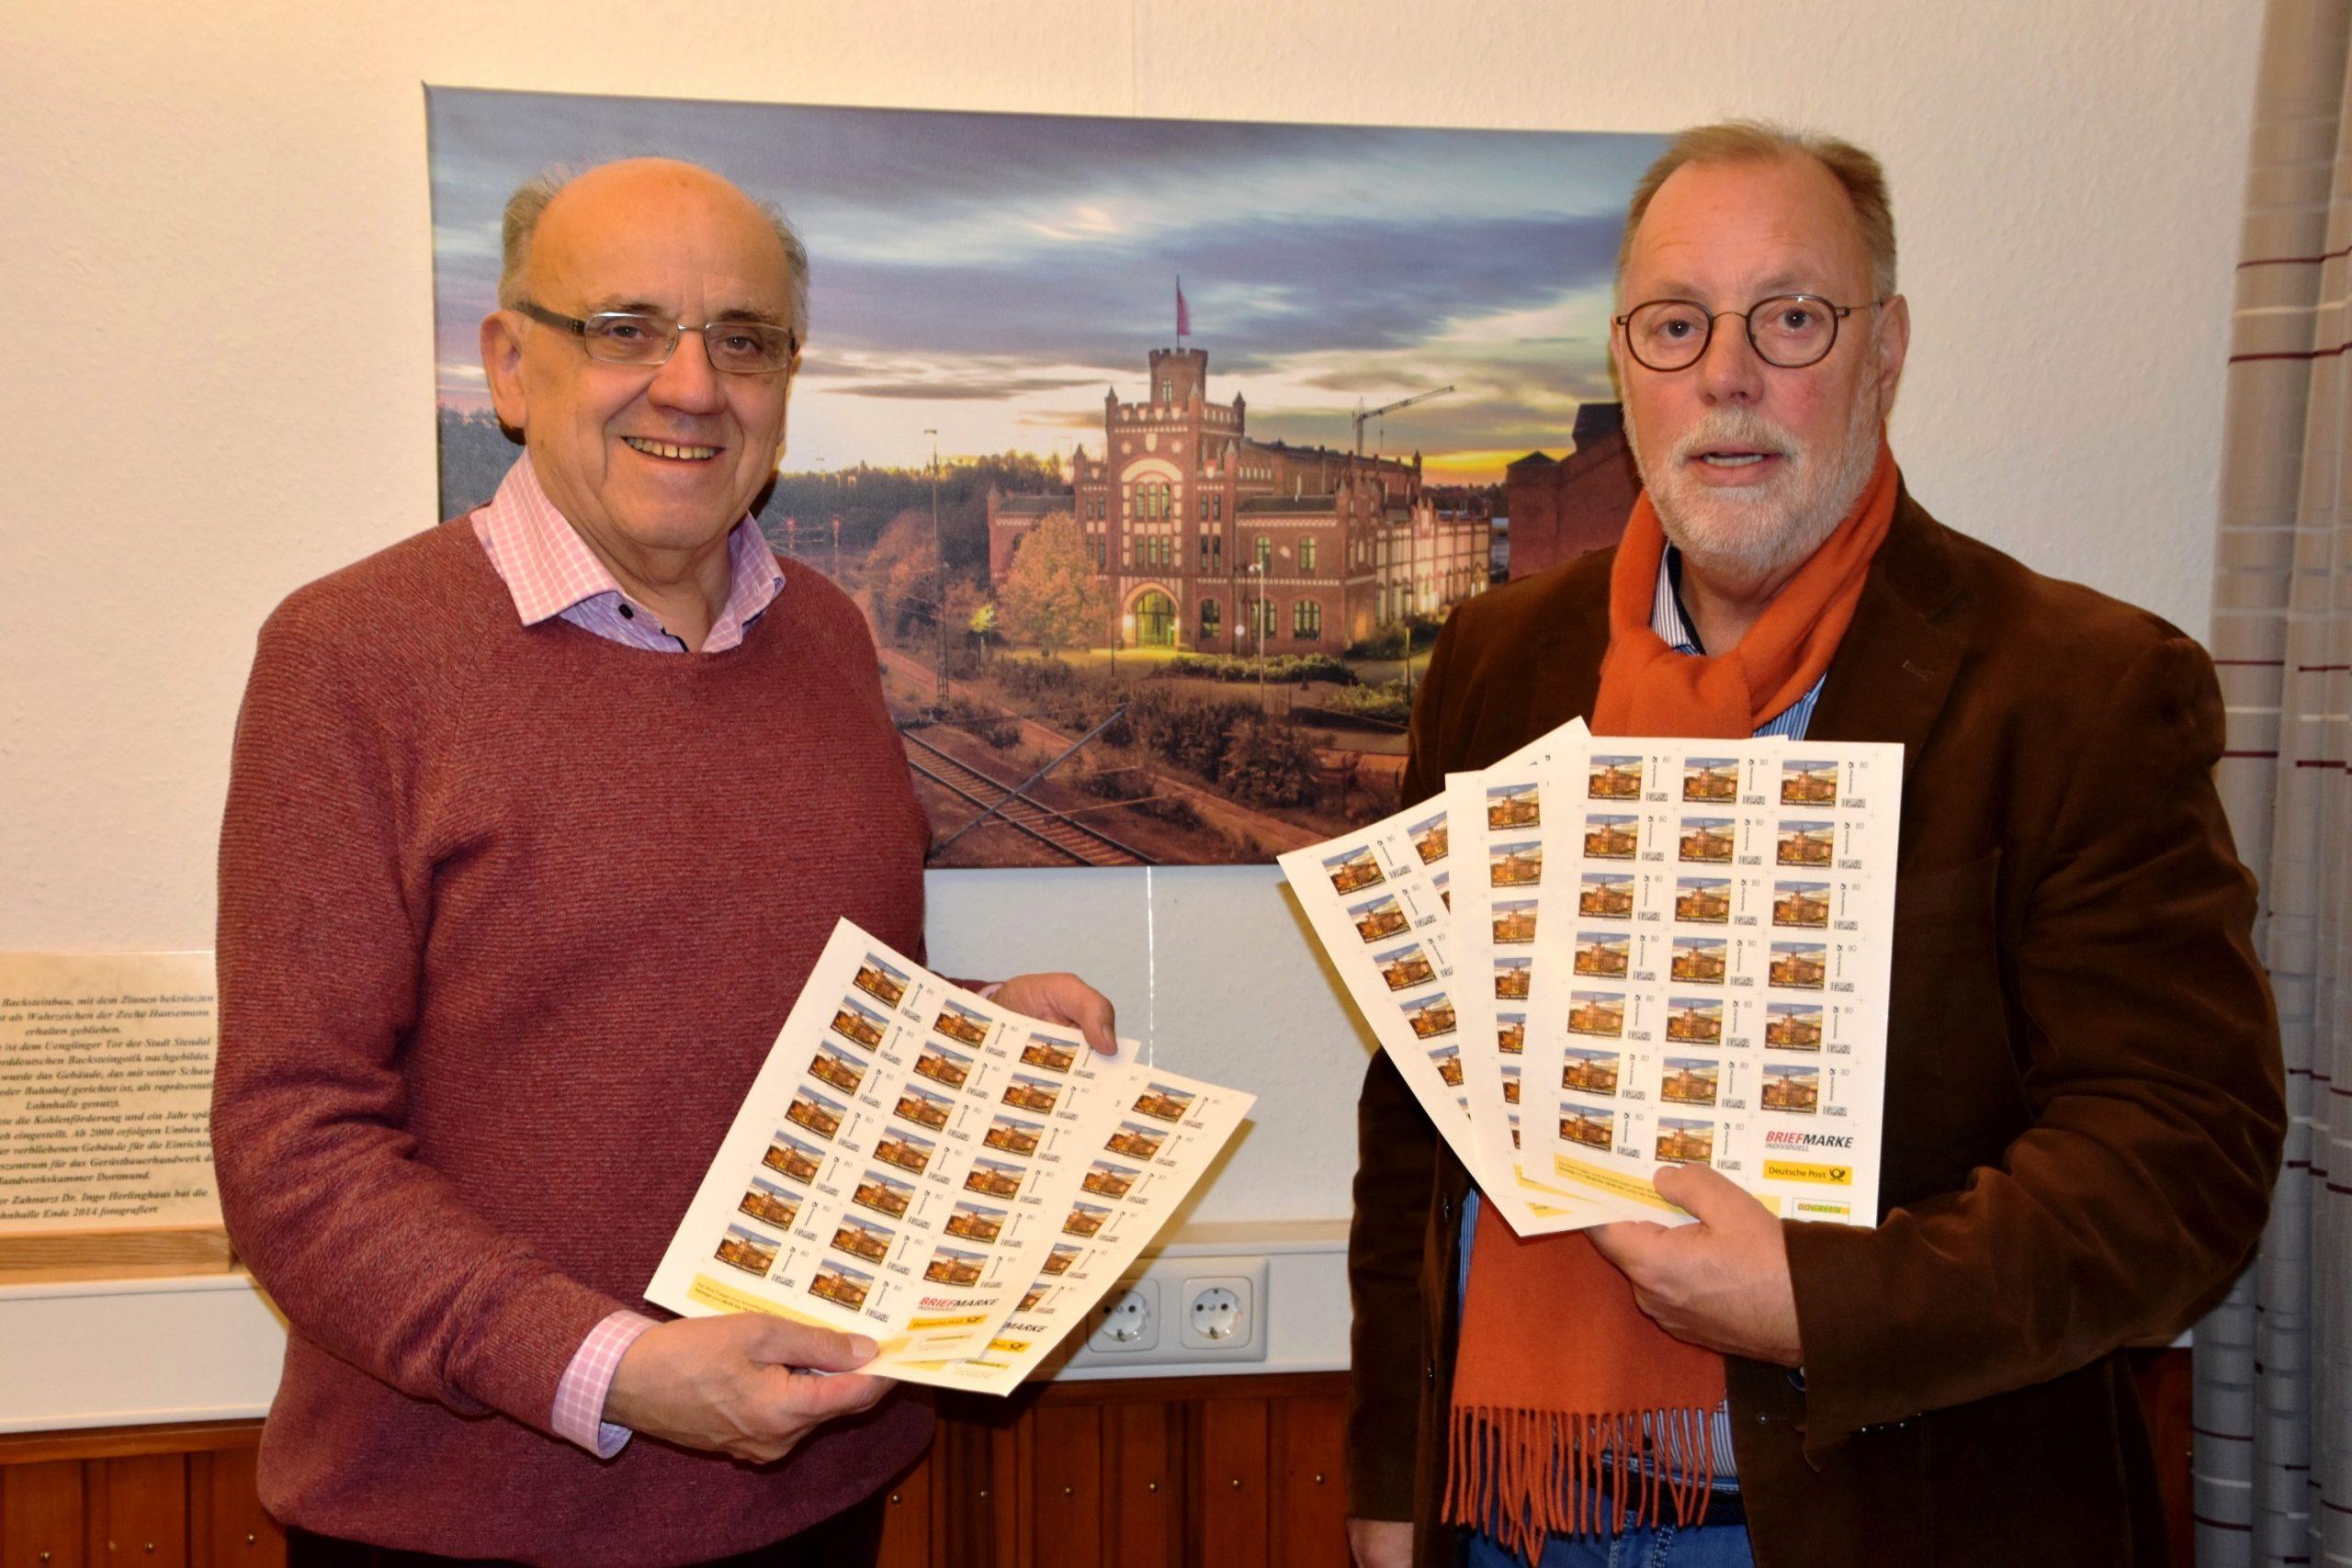 Ideengeber Franz-Heinrich Veuhoff (l) und Heimatvereinsvorsitzender Hans-Ulrich Peuser vor dem Originalbild des Sonderbriefmarkenmotivs.